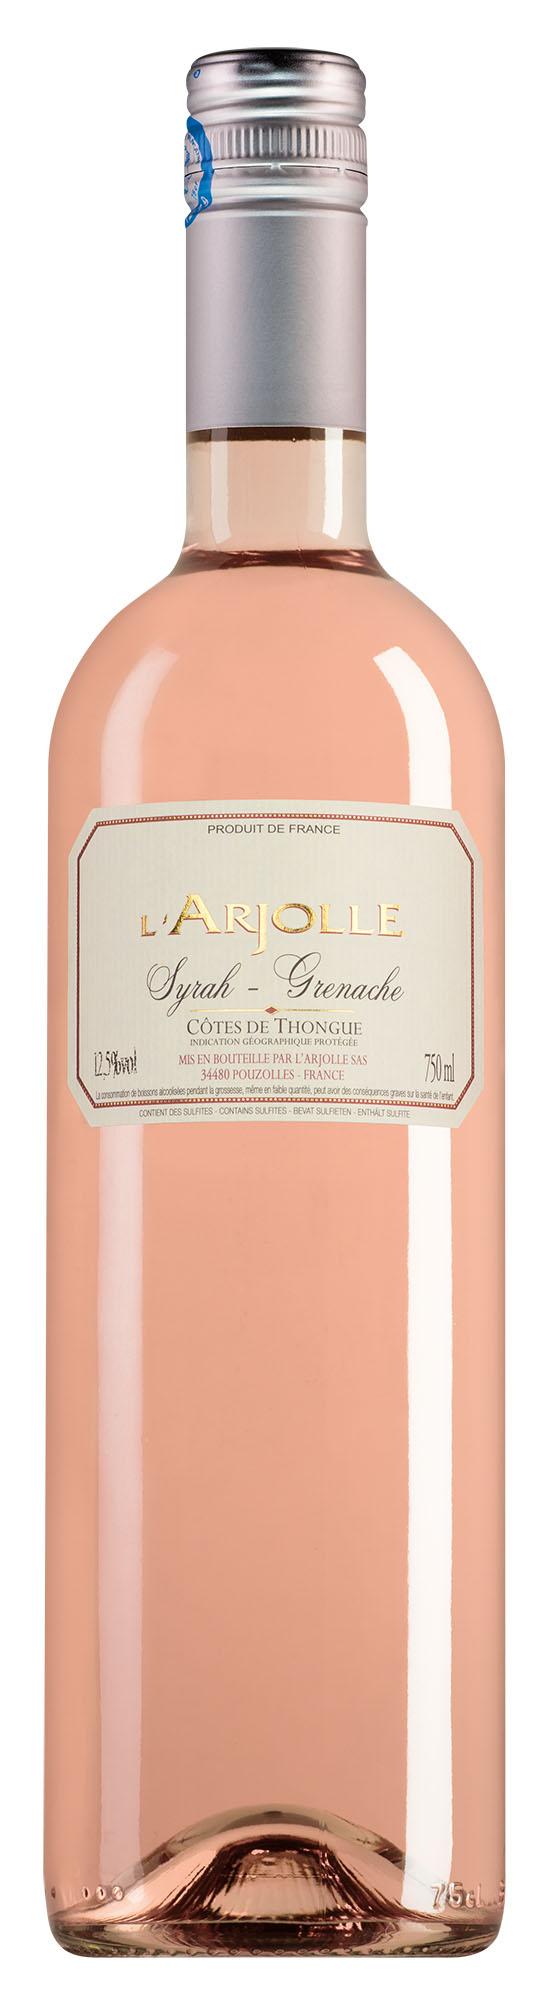 L'Arjolle Côtes de Thongue rosé